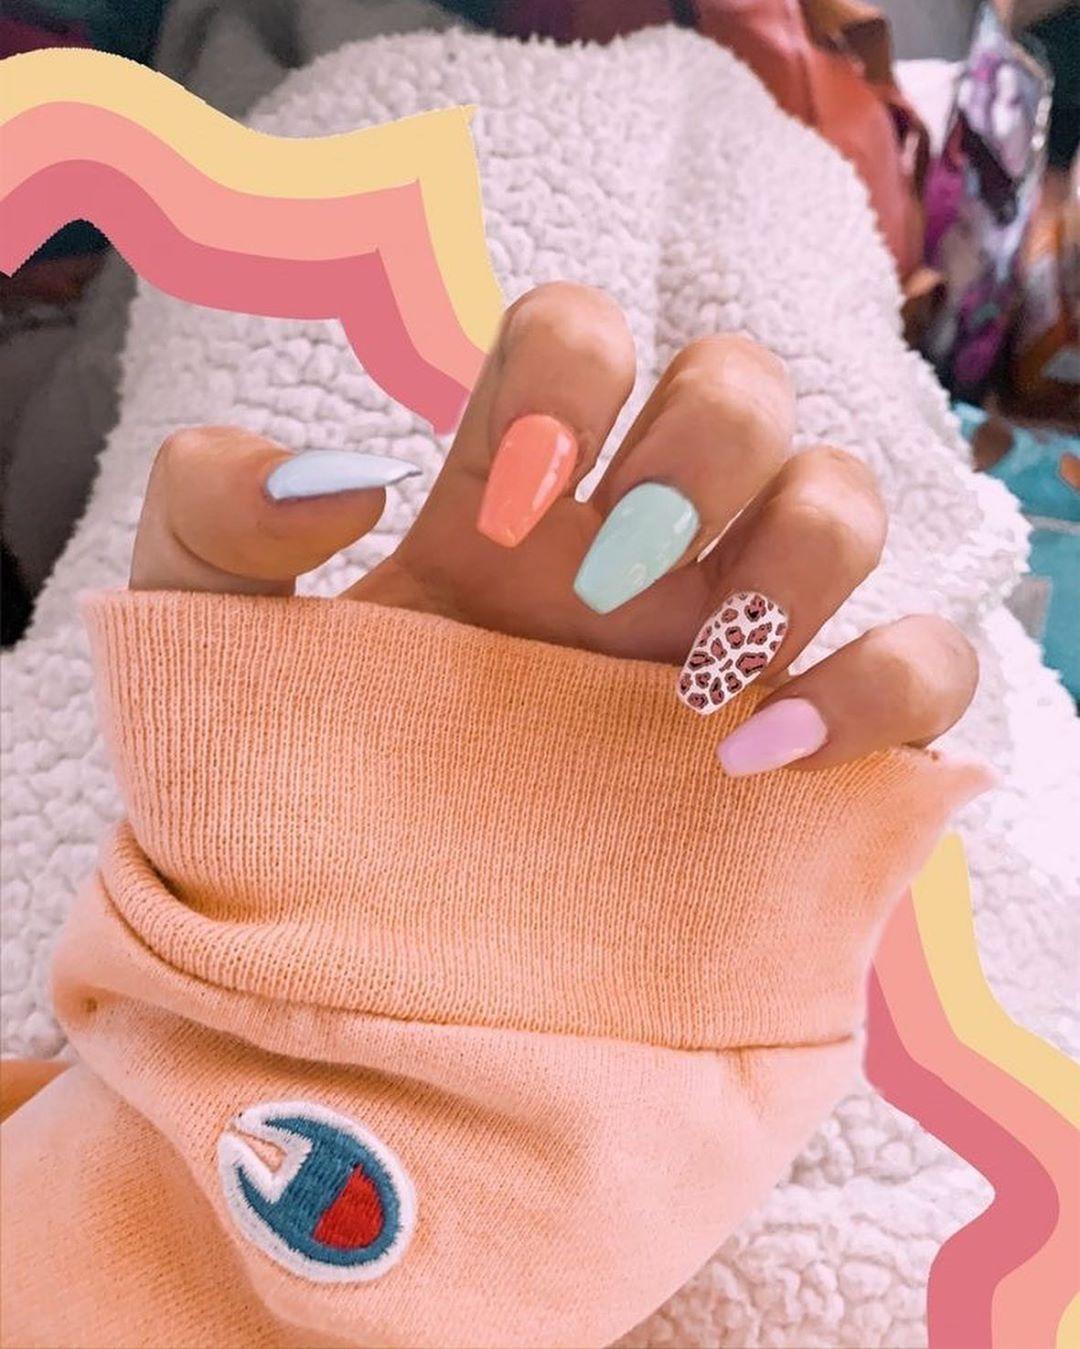 Vsᴄᴏ Iɴsᴘɪʀᴀᴛɪᴏɴ S Instagram Post Cute Nails Vscofloweers Short Acrylic Nails Designs Acylic Nails Acrylic Nails Coffin Short